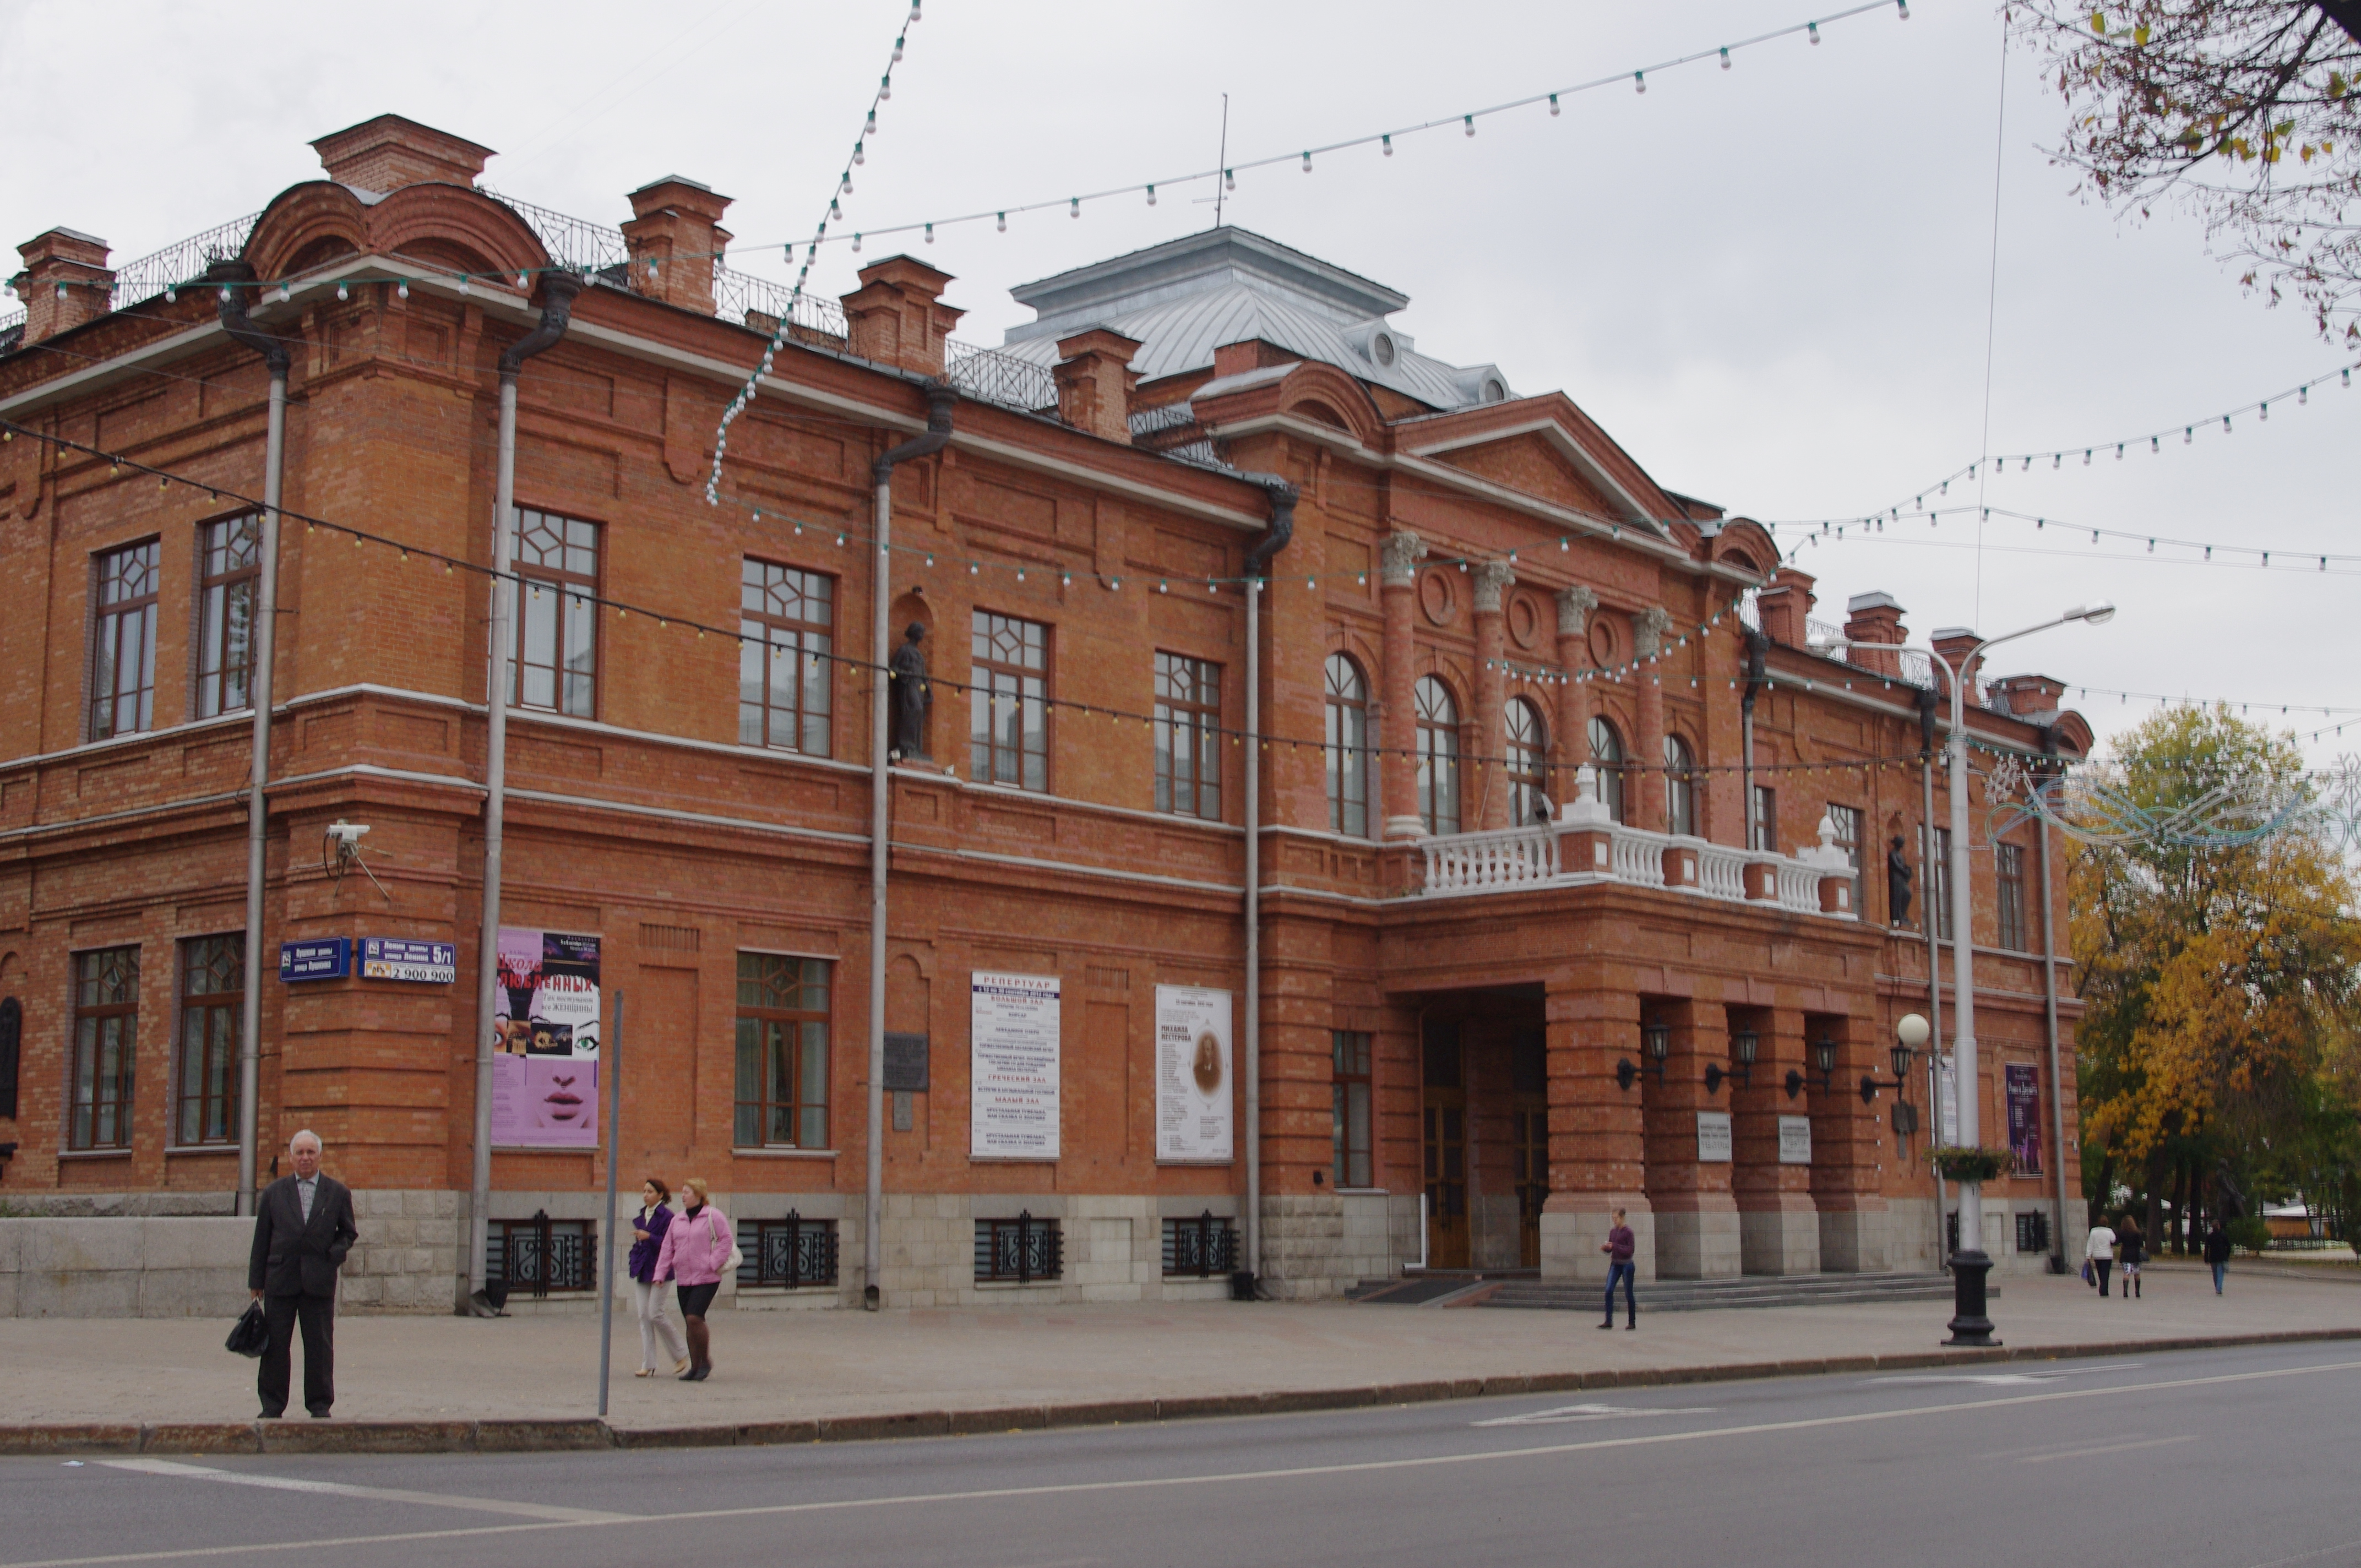 Башкирский театр оперы афиша московский музей современного искусства цена билета